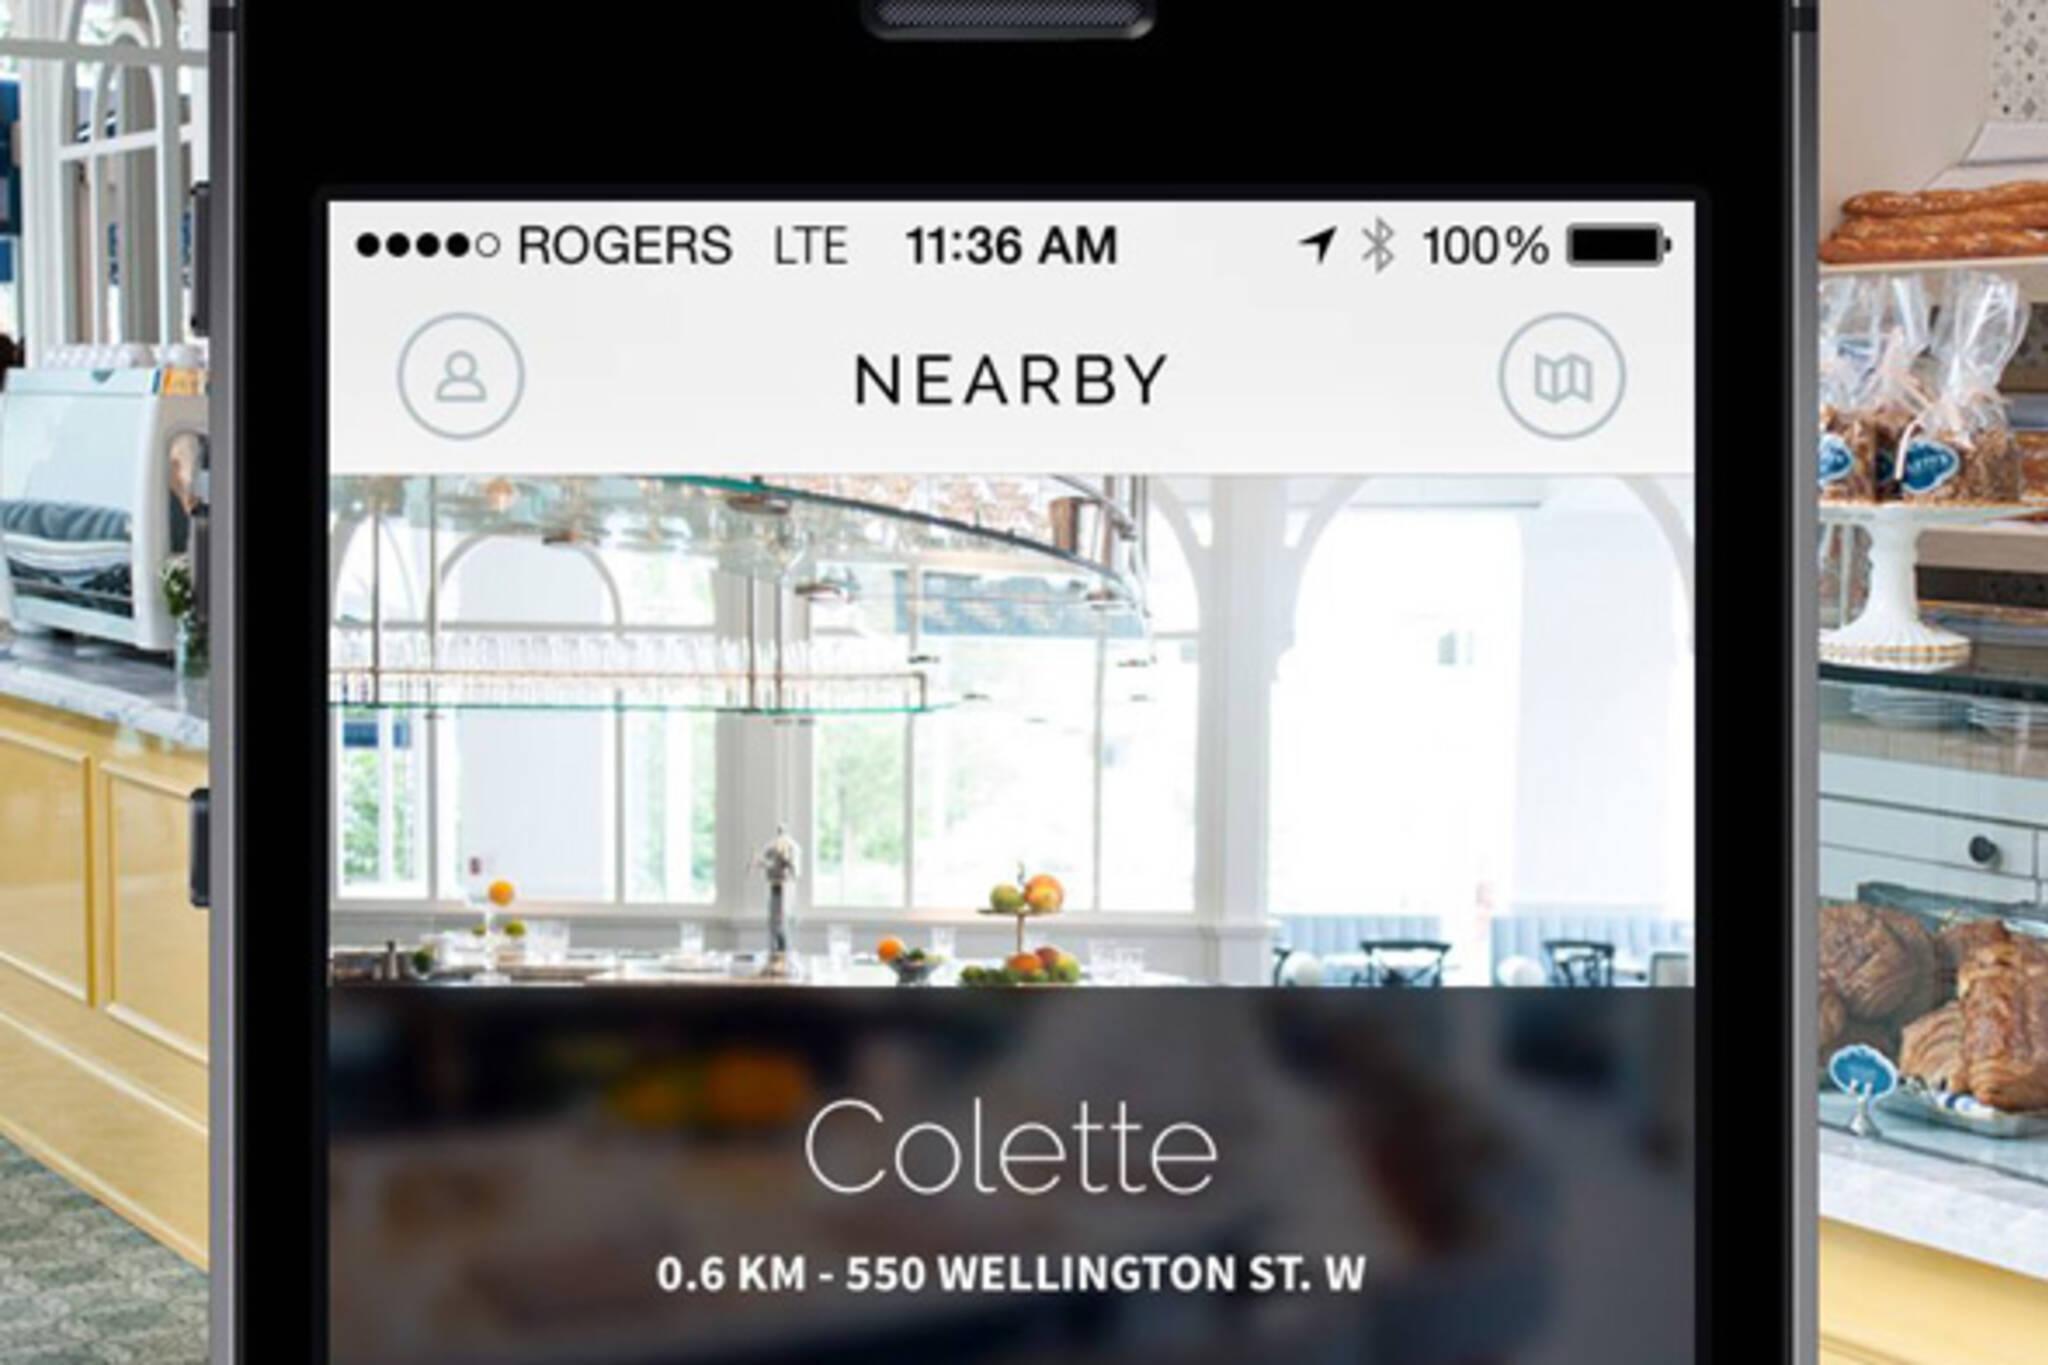 Toronto apps